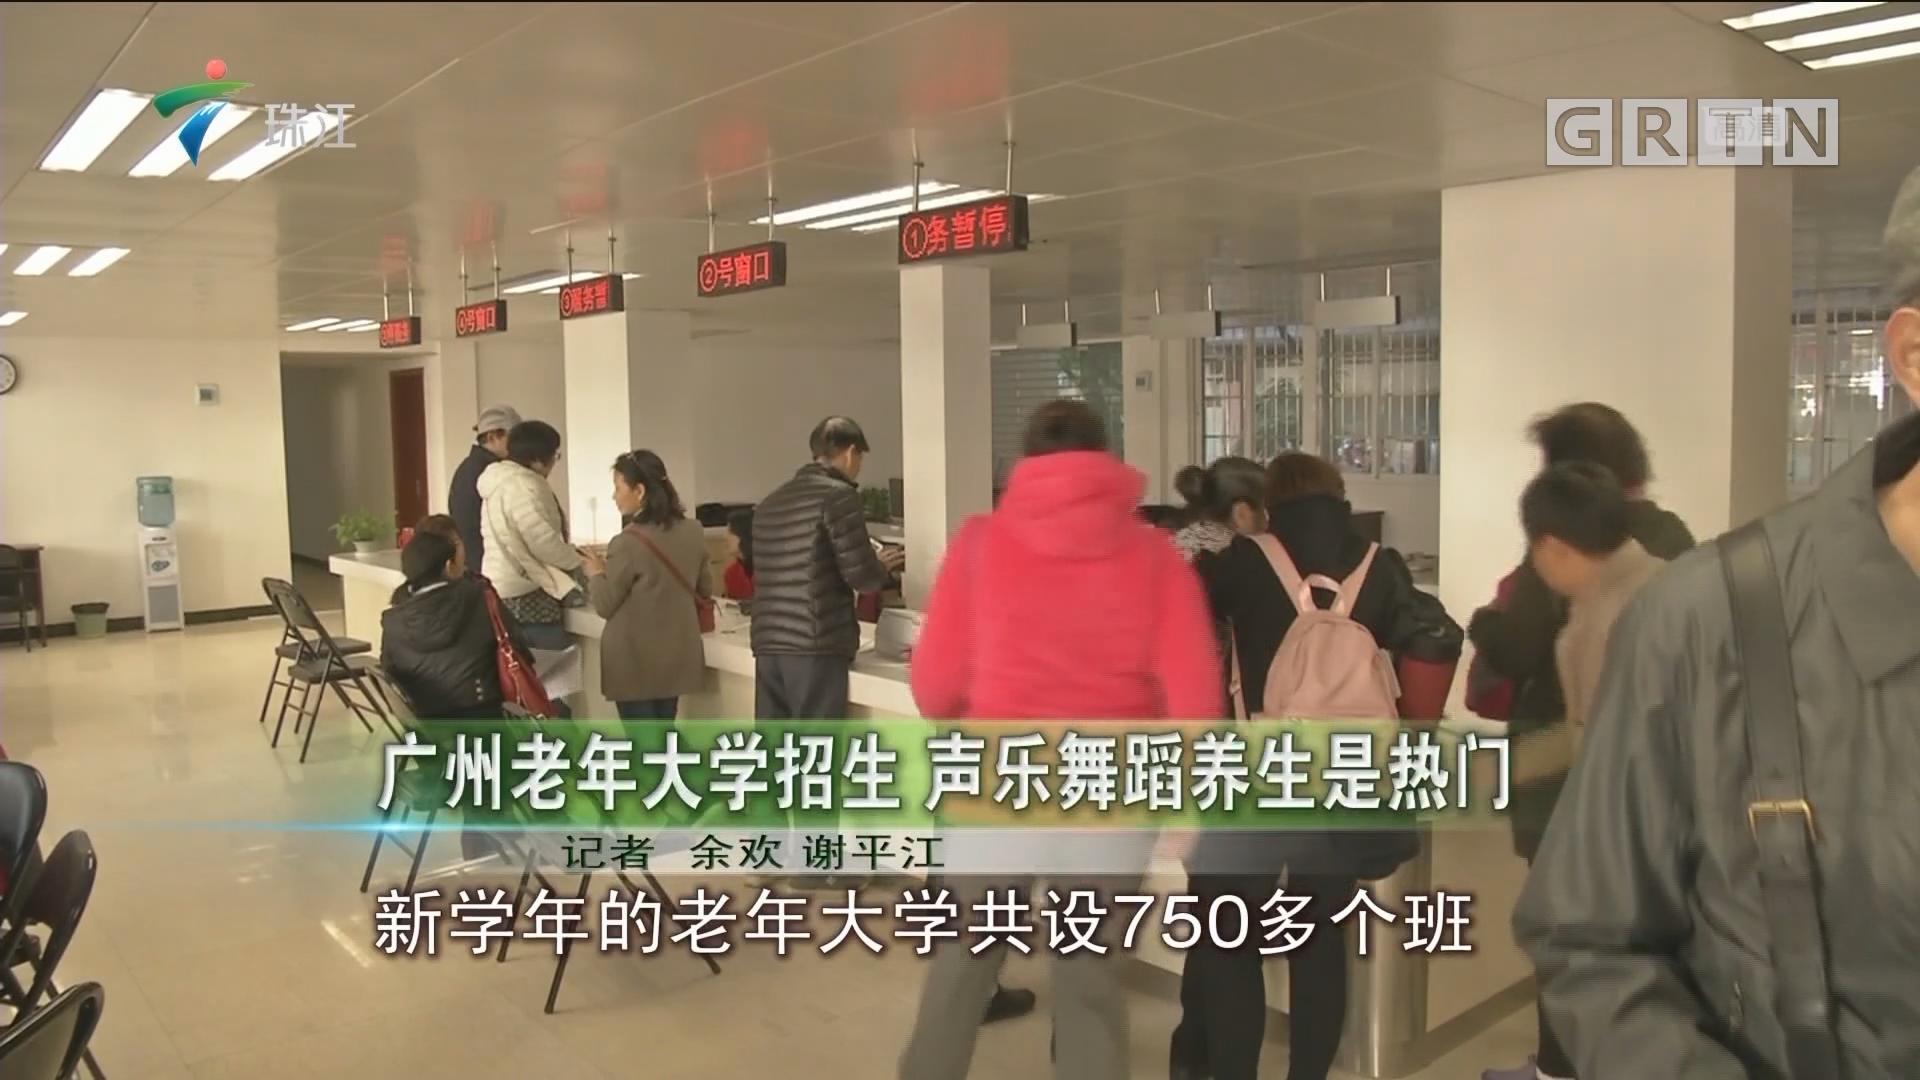 广州老年大学招生 声乐舞蹈养生是热门